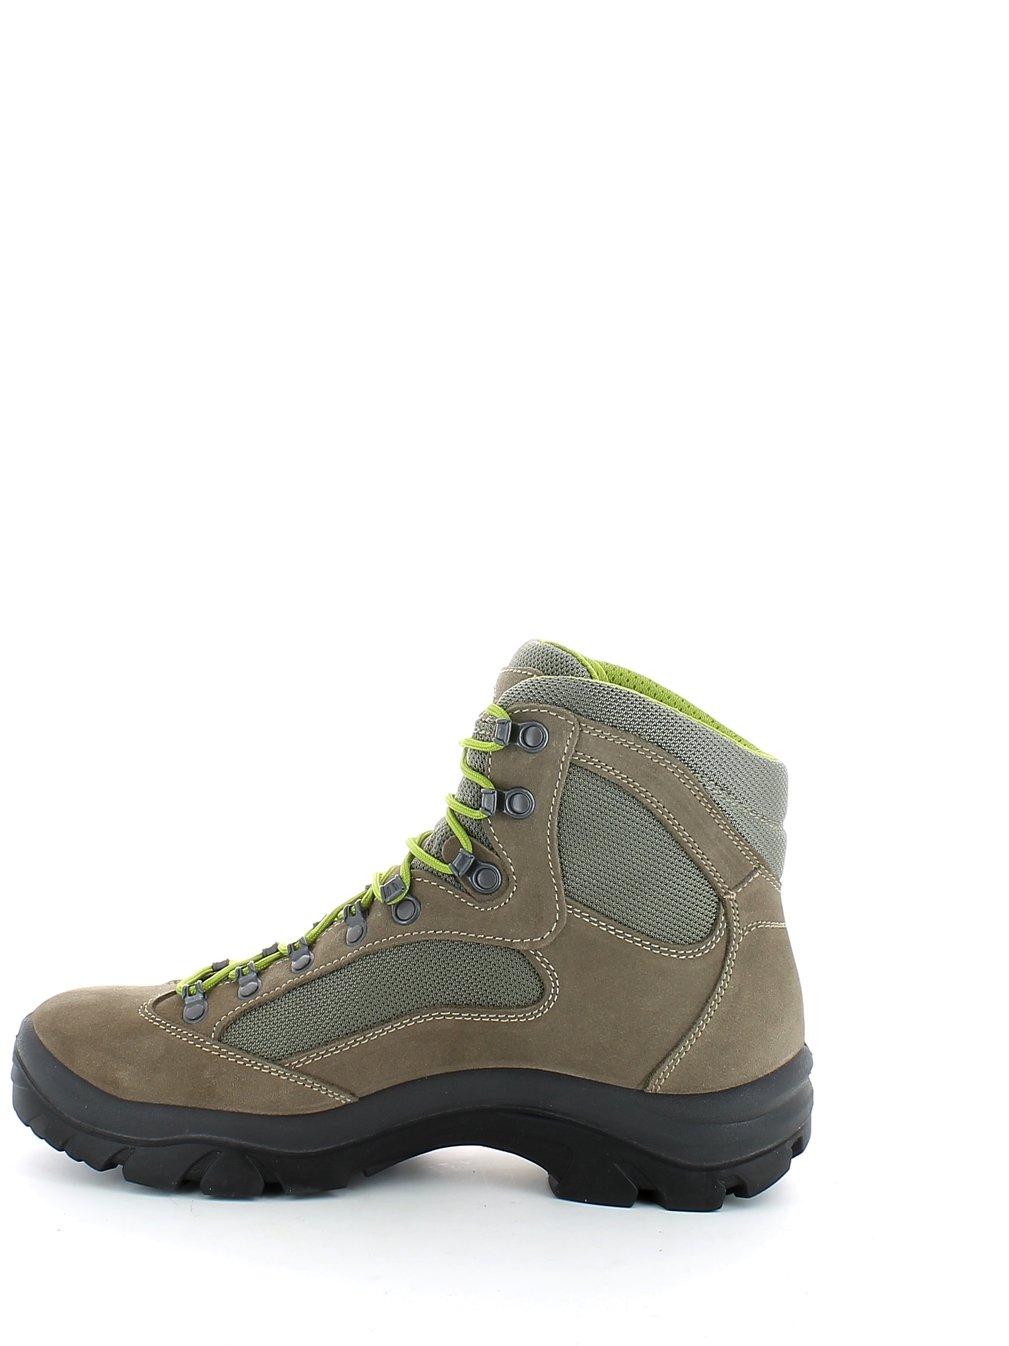 AKU - Salatis Gore-Tex - Chaussures de randonnée pour homme, Homme, marron